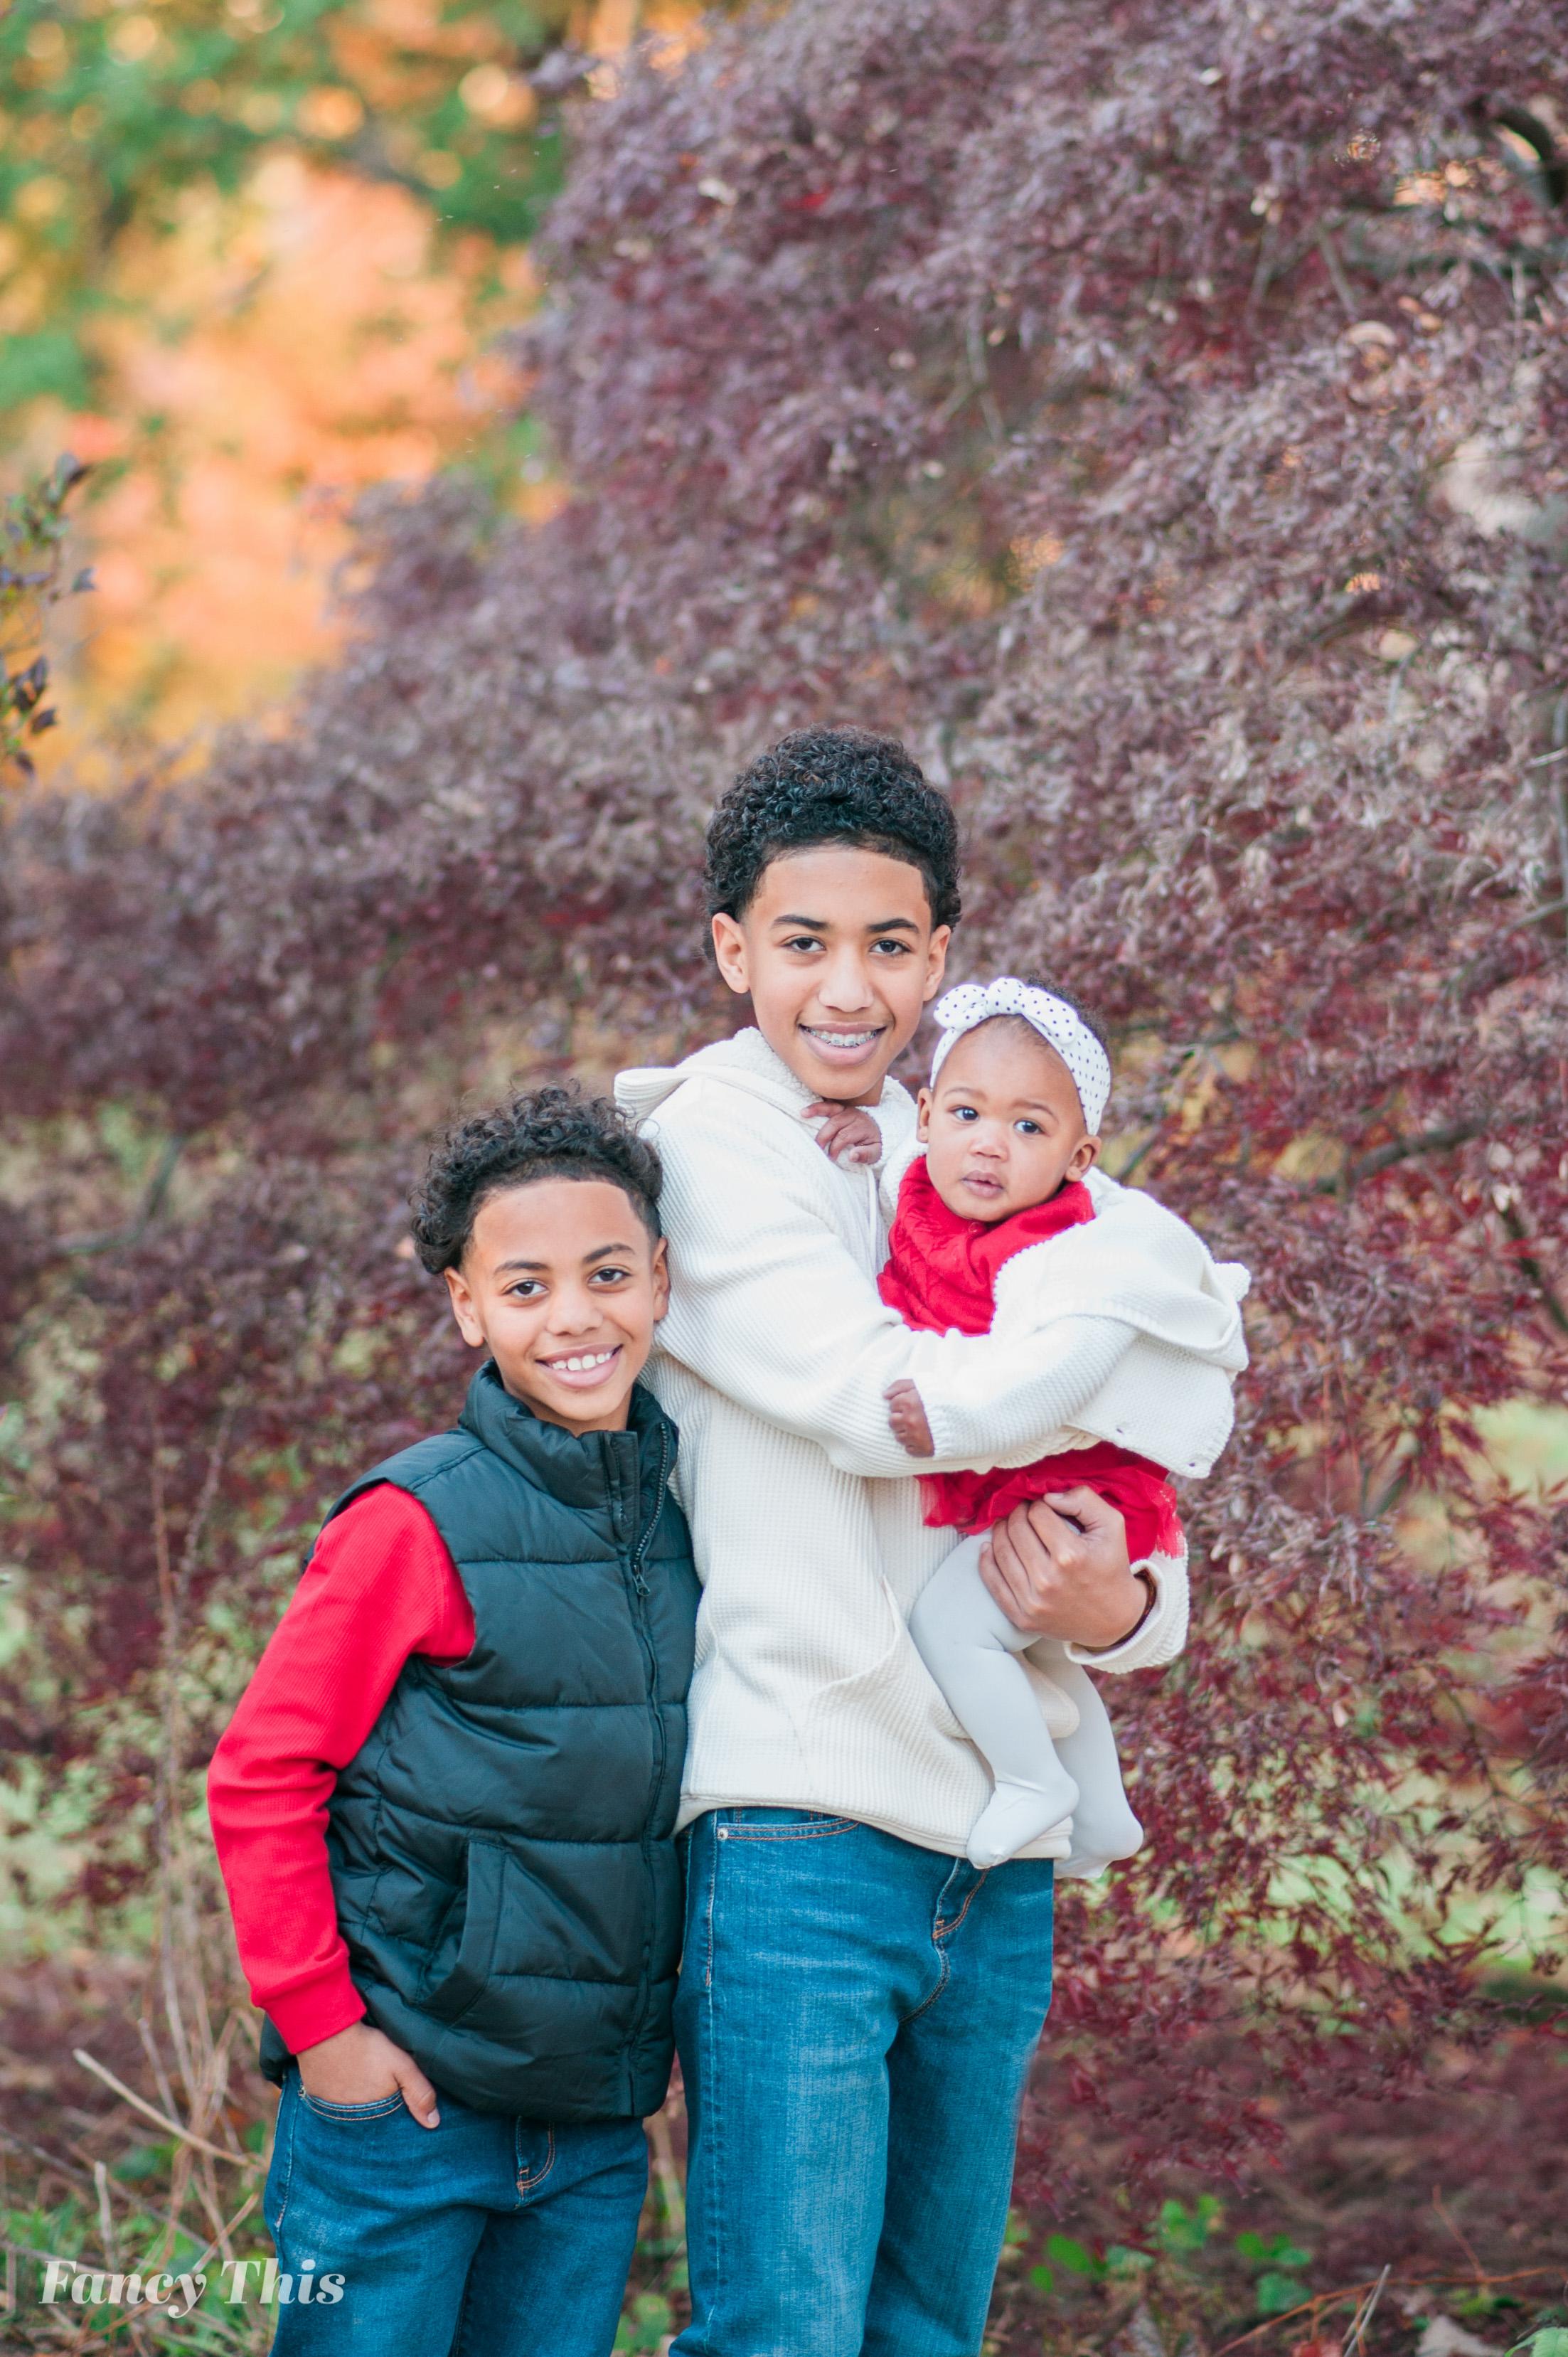 brownfamily_socialmediaready-2.jpg